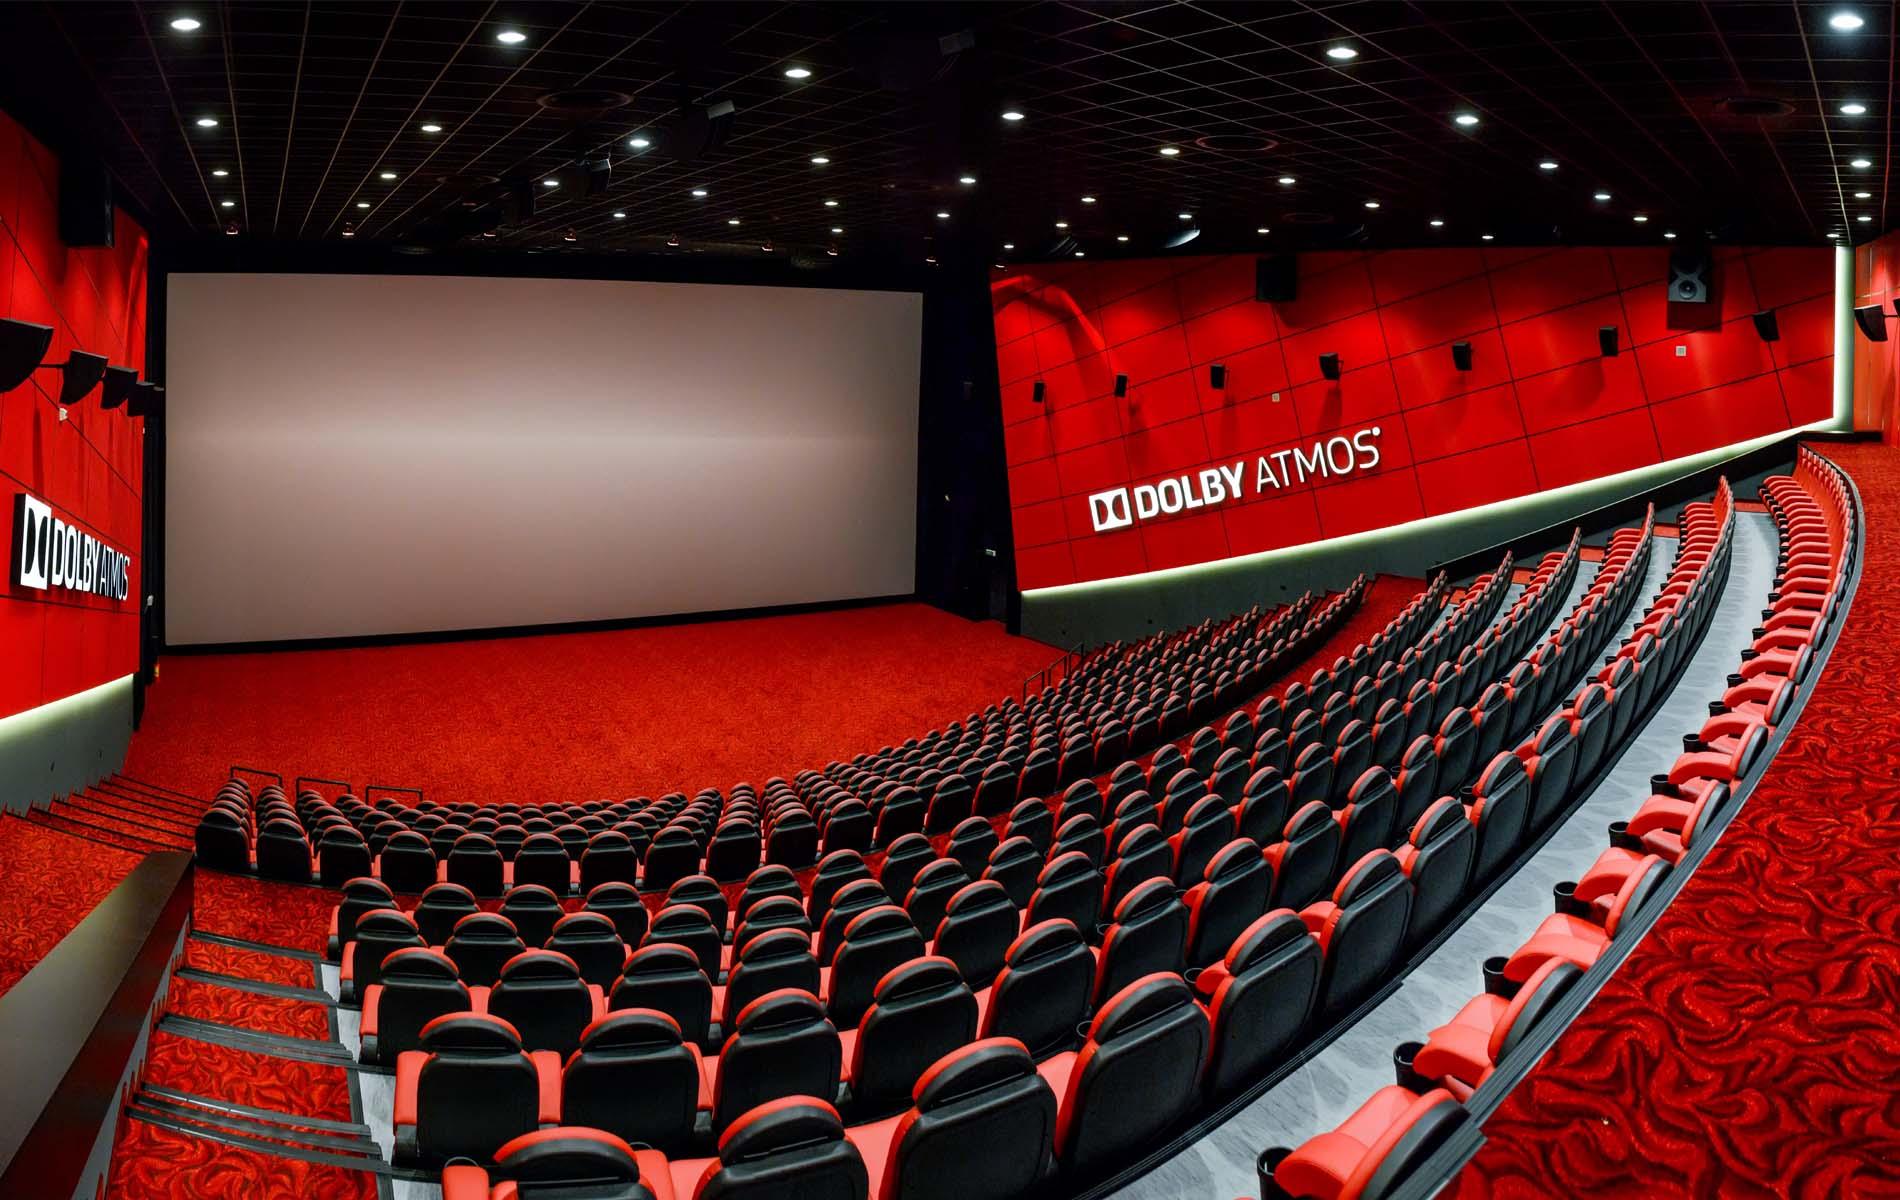 kino arena dolby atmos - ROMA ELITE